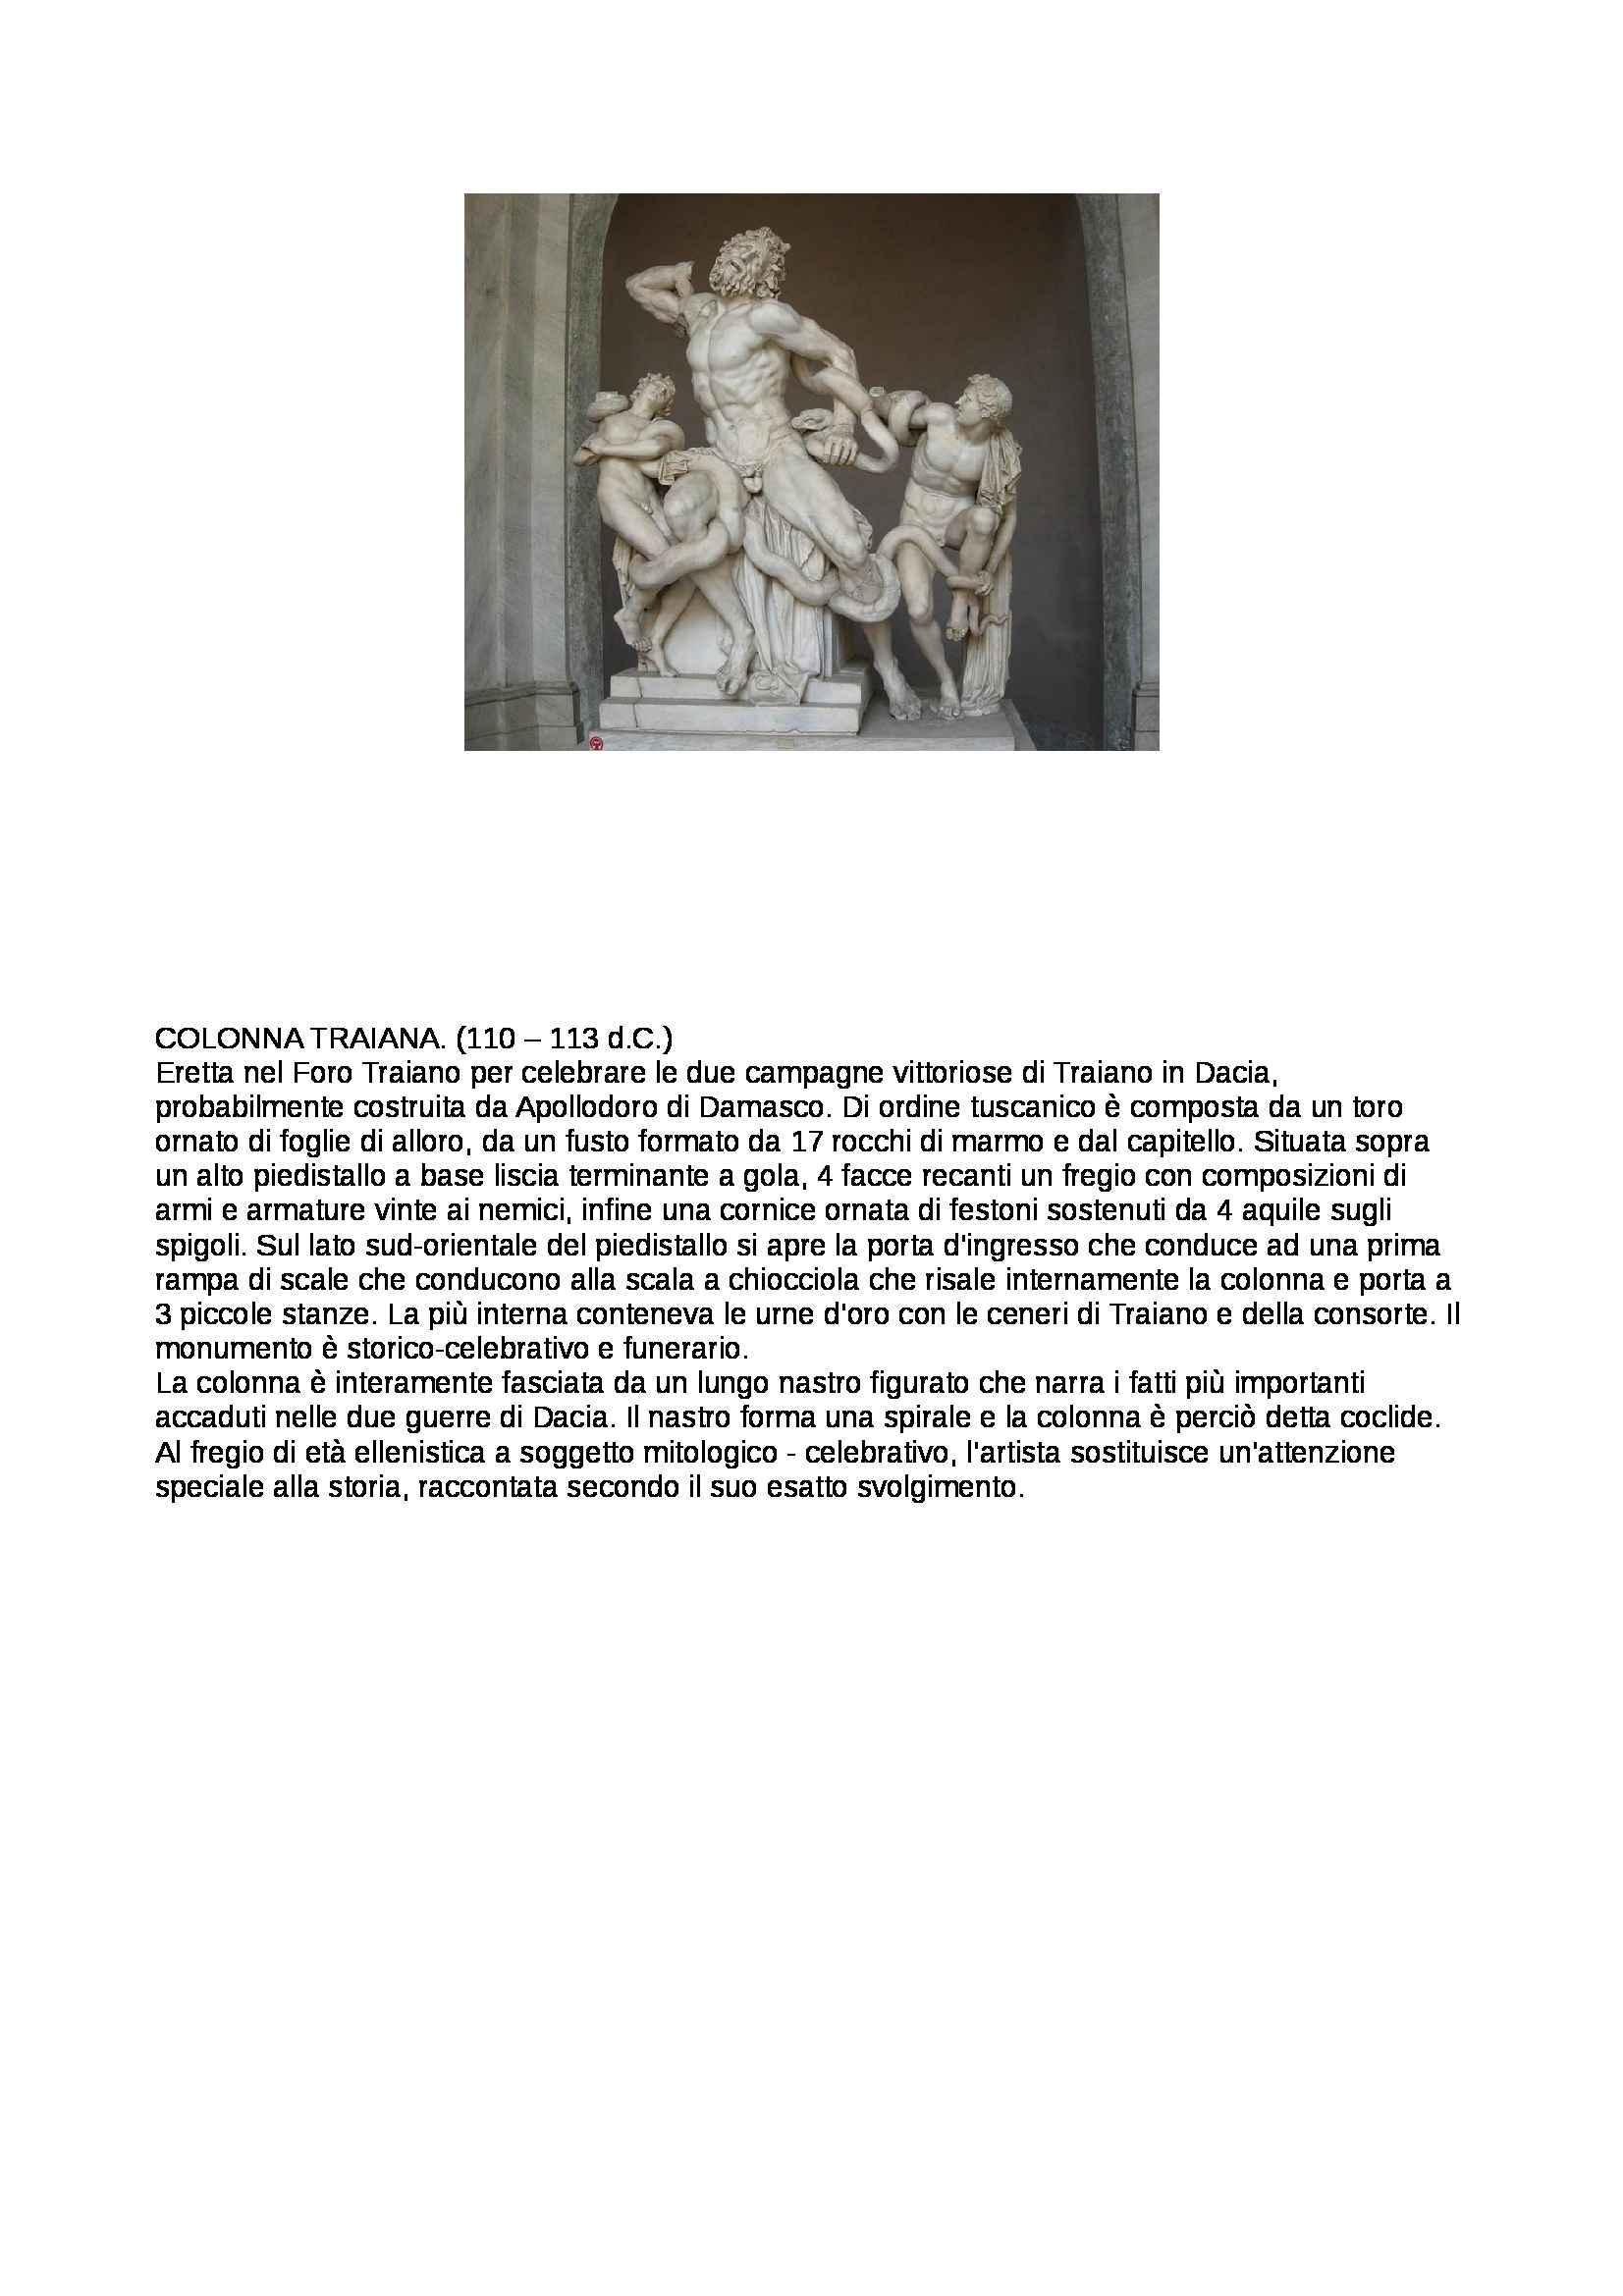 Storia dell'arte - dalla polis greca al 1200 d c Pag. 6